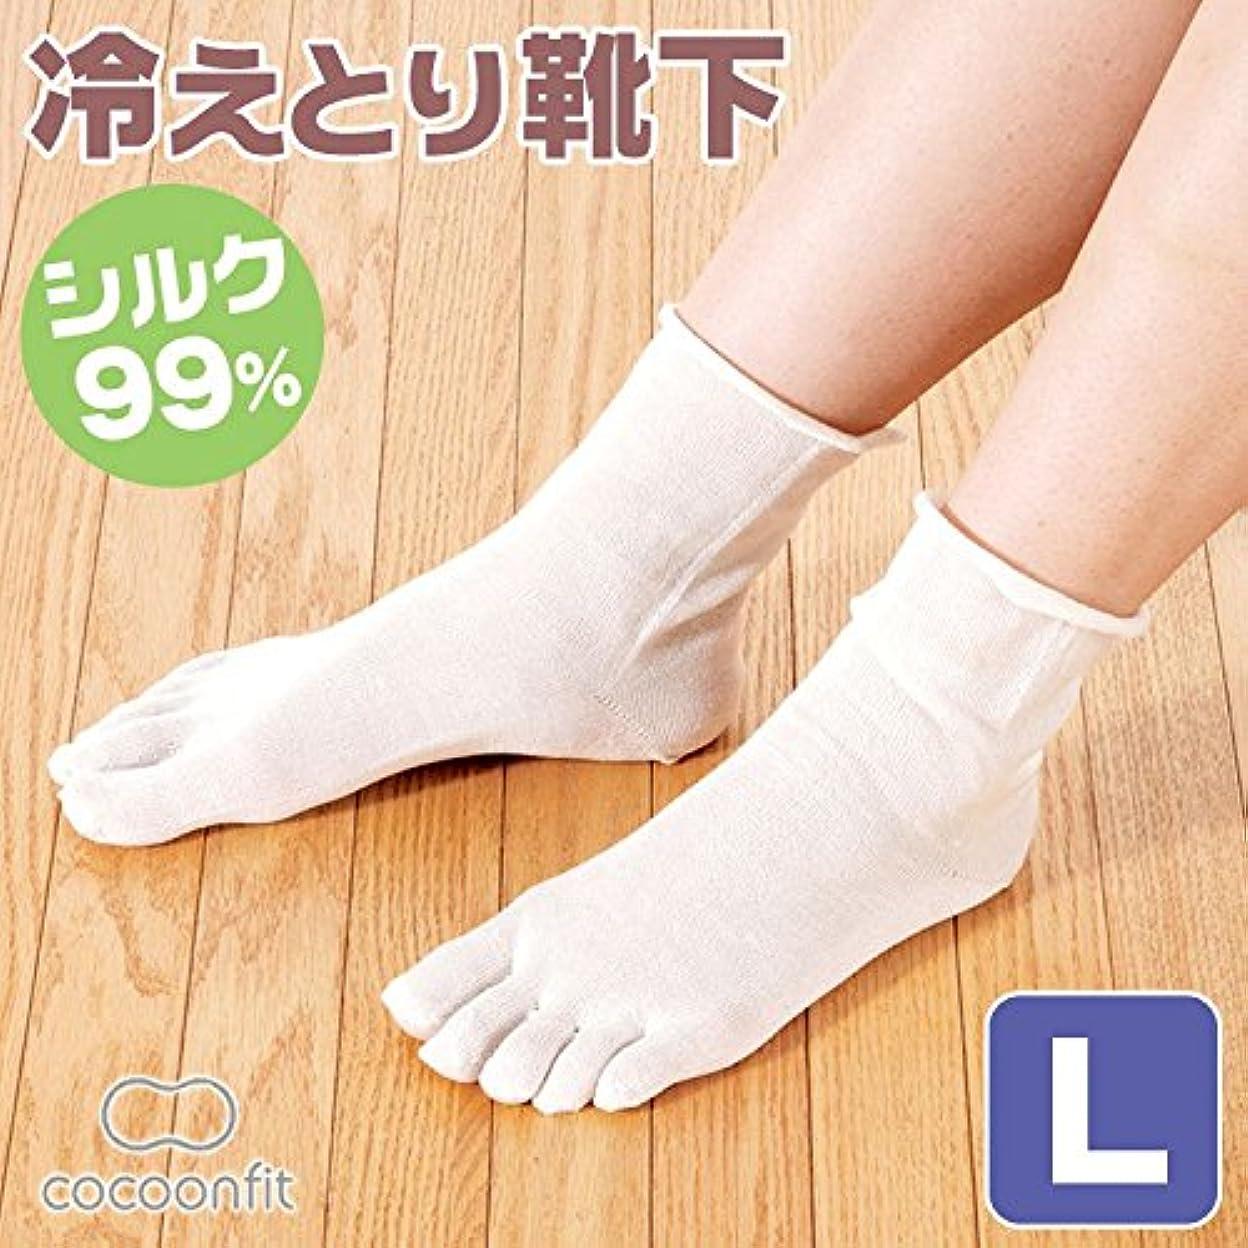 注意気難しい摂動冷え取り靴下 5本指ソックス シルク[Lサイズ:25~27cm] ※重ね履き靴下の1枚目のみ cocoonfit